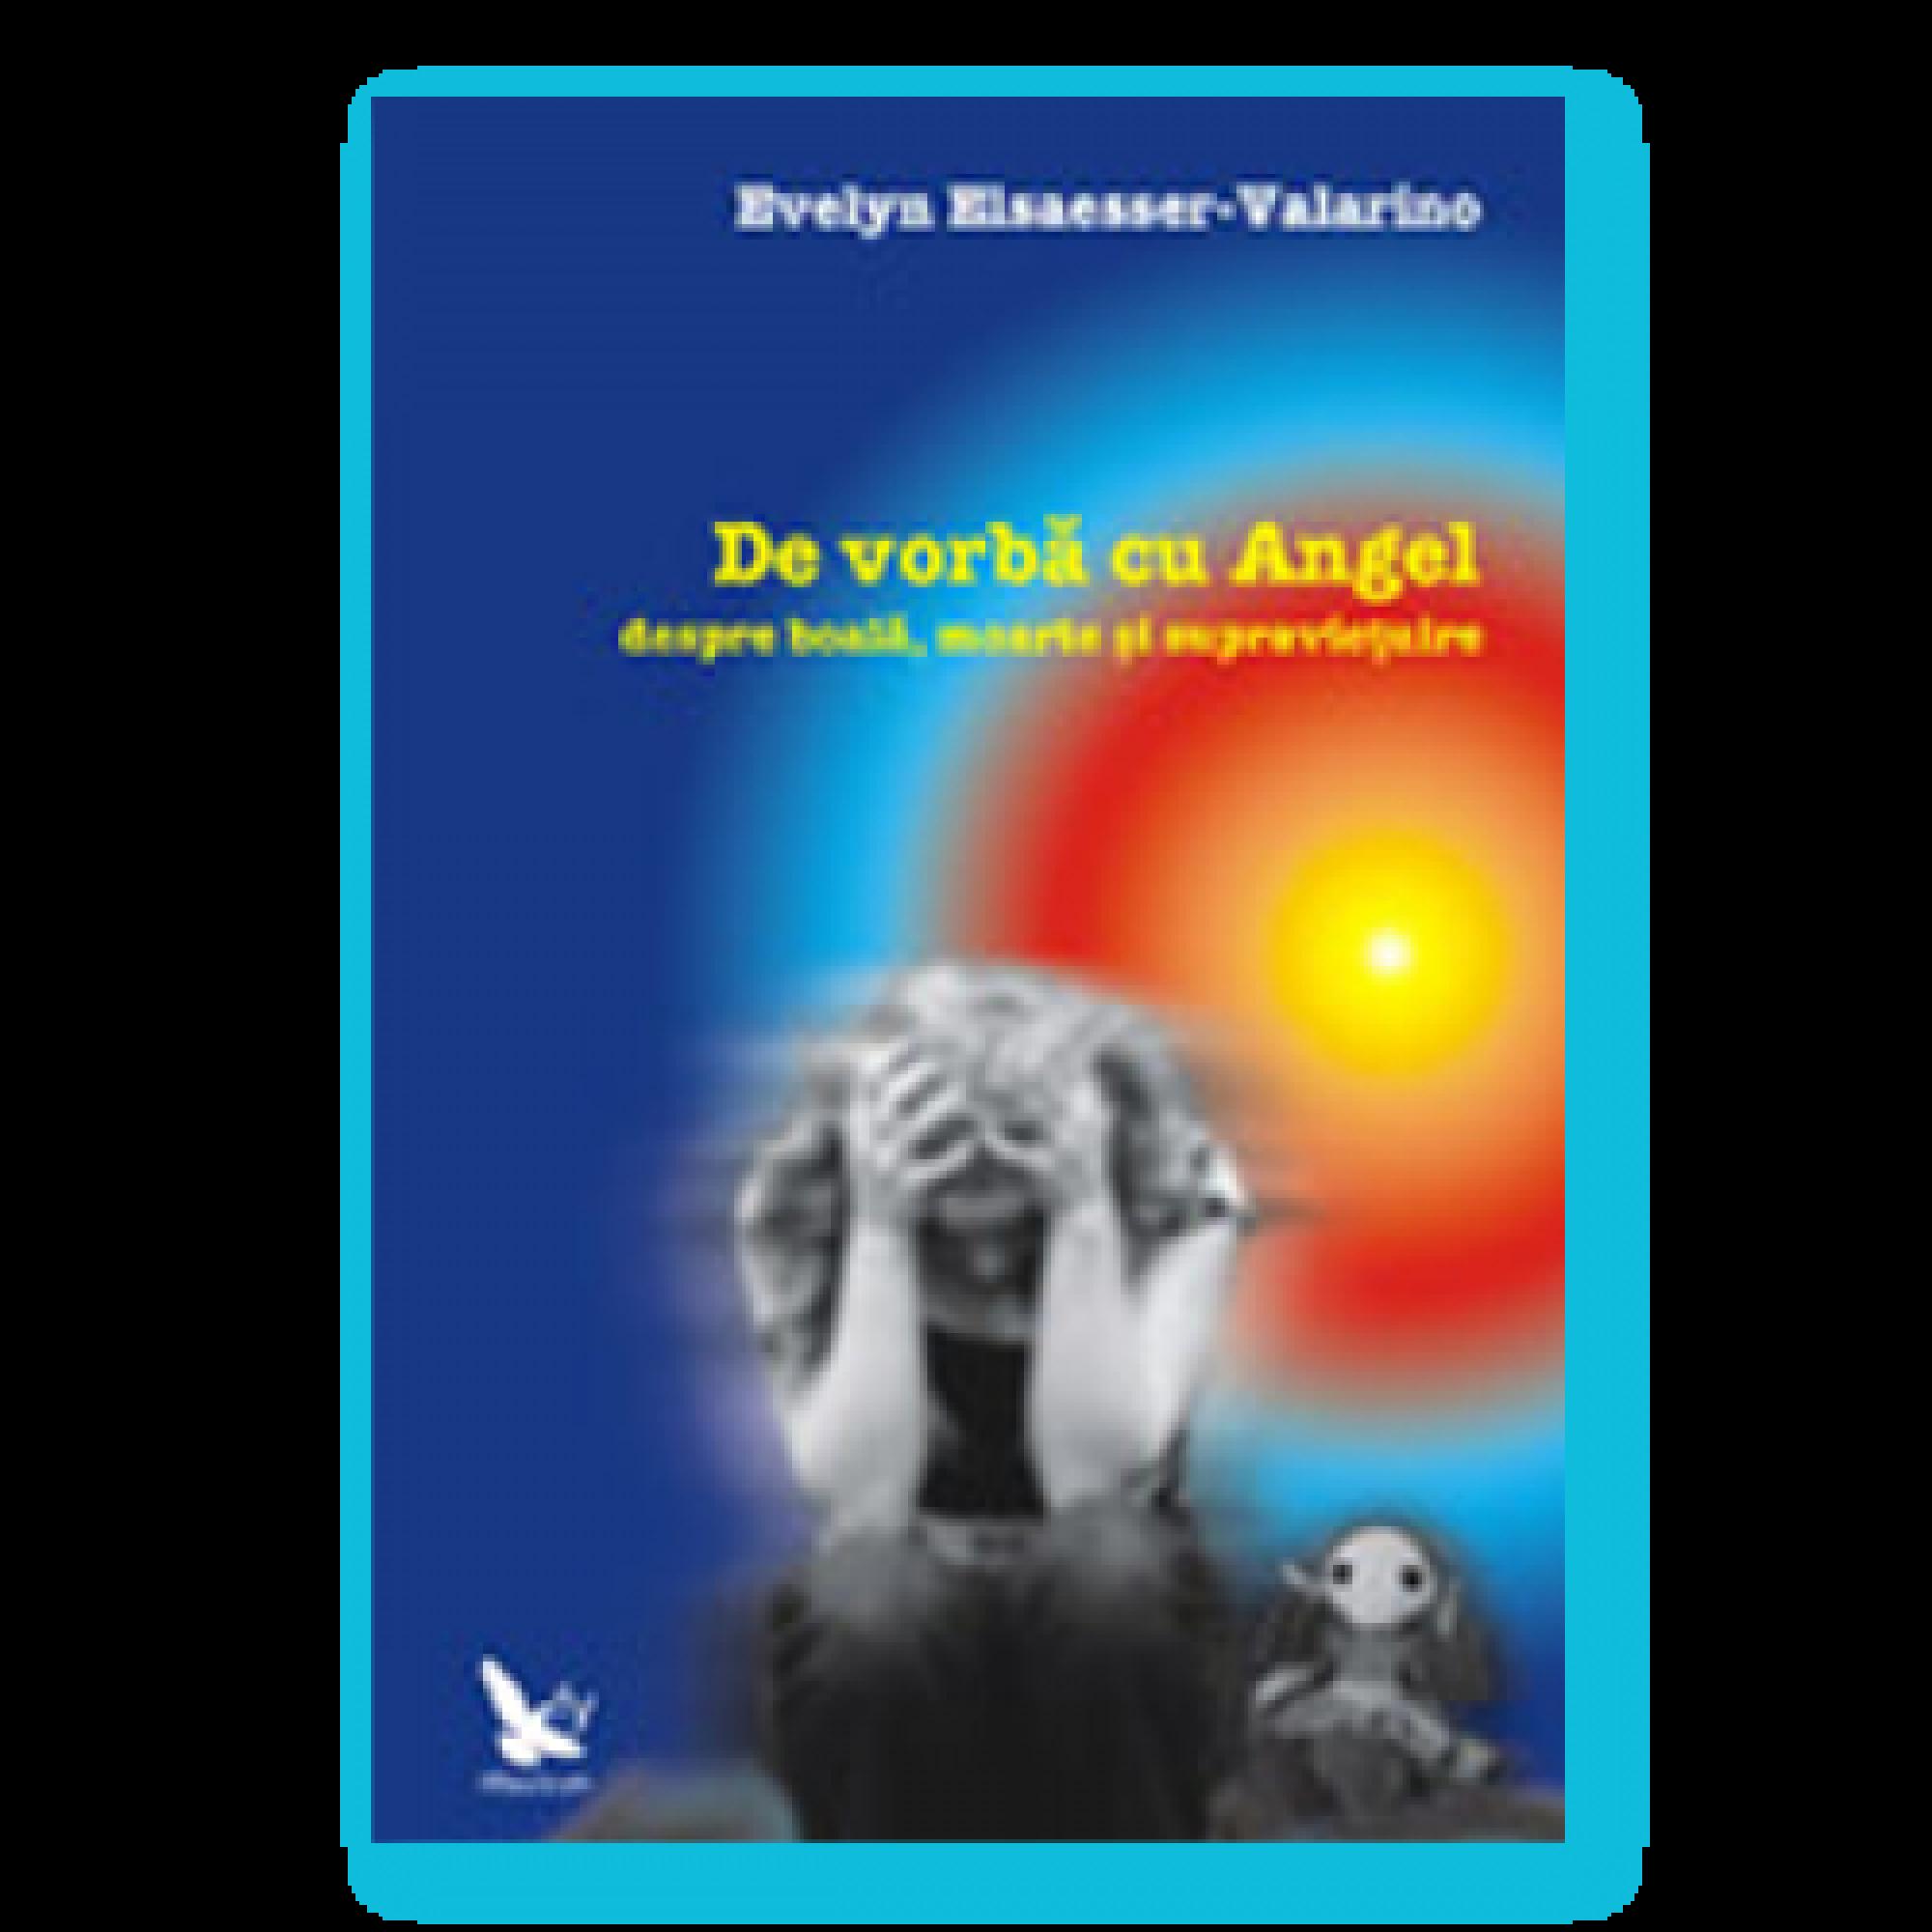 De vorbă cu Angel despre boală, moarte şi supravieţuire; Evelyn Elsaesser-Valarino